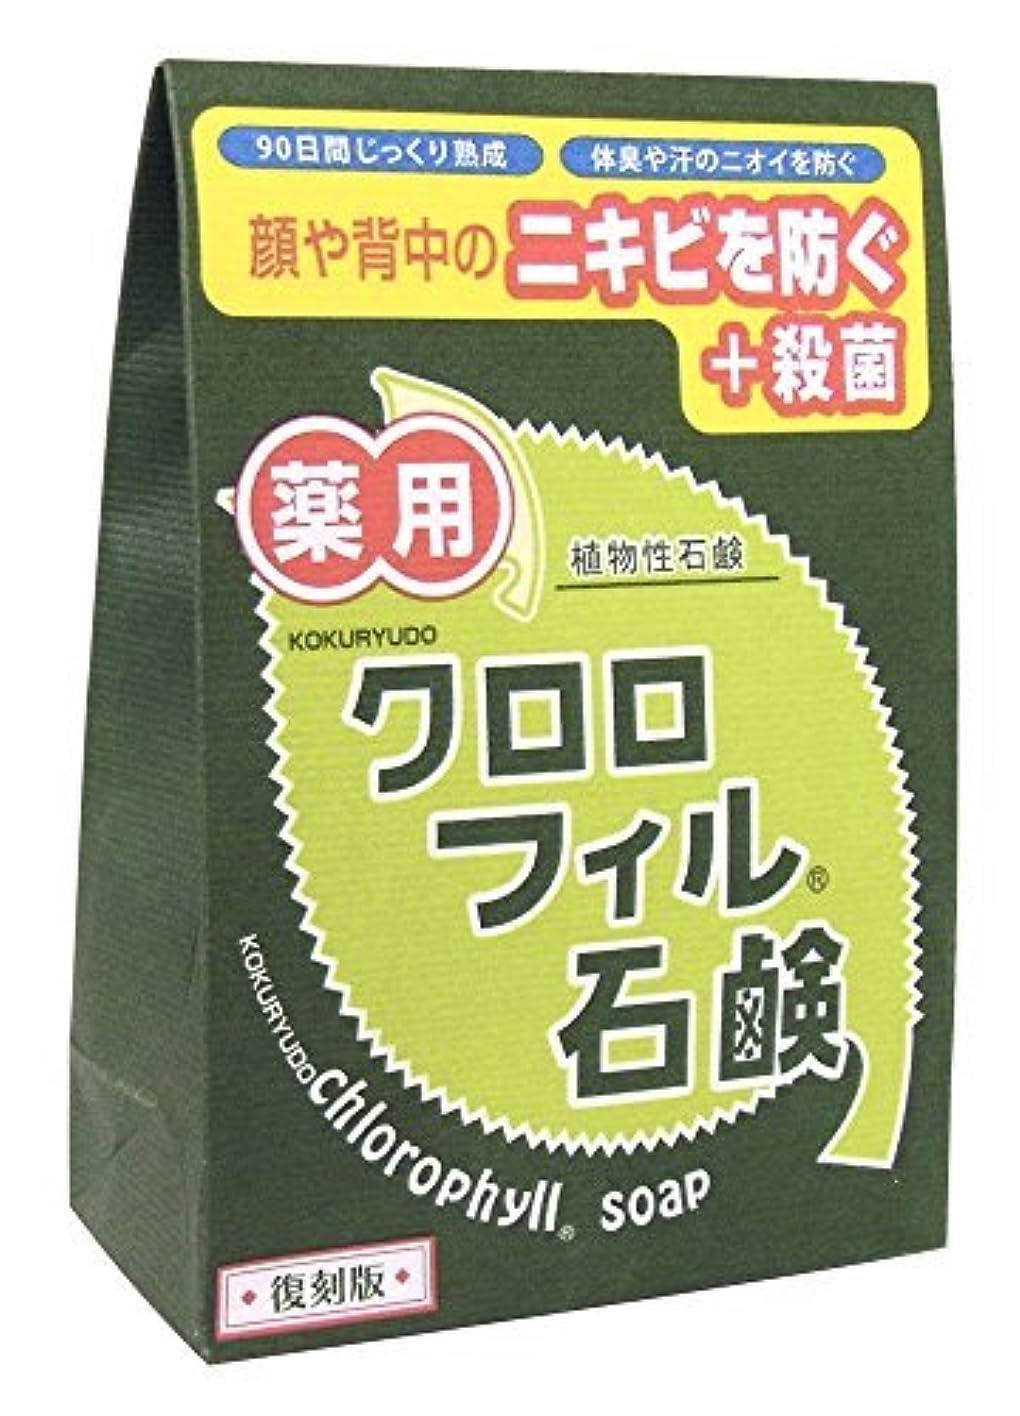 巨大是正爆発物【まとめ買い】クロロフィル石鹸 復刻版 85g (医薬部外品)【×6個】